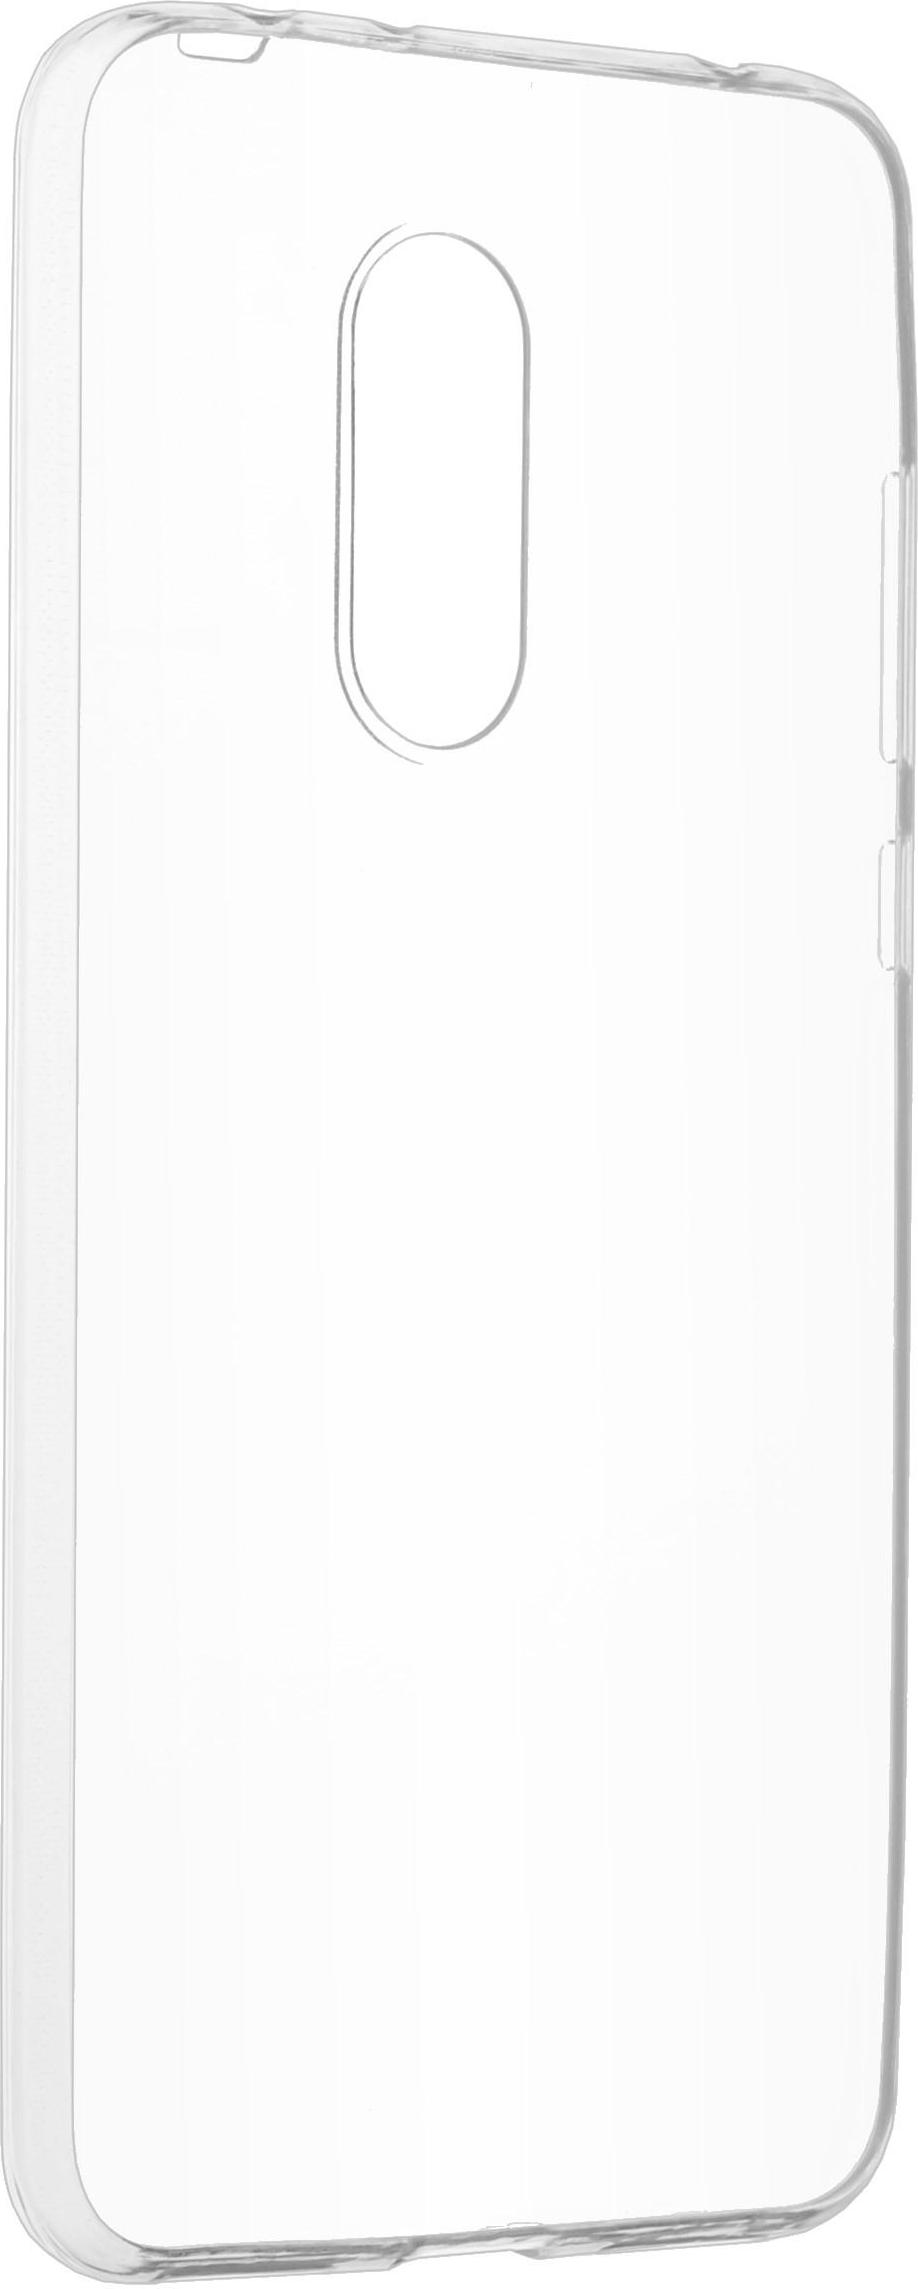 Накладка skinBOX slim silicone для Xiaomi Redmi 5 Plus (Цвет-прозрачный), T-S-XR5P-006 фото